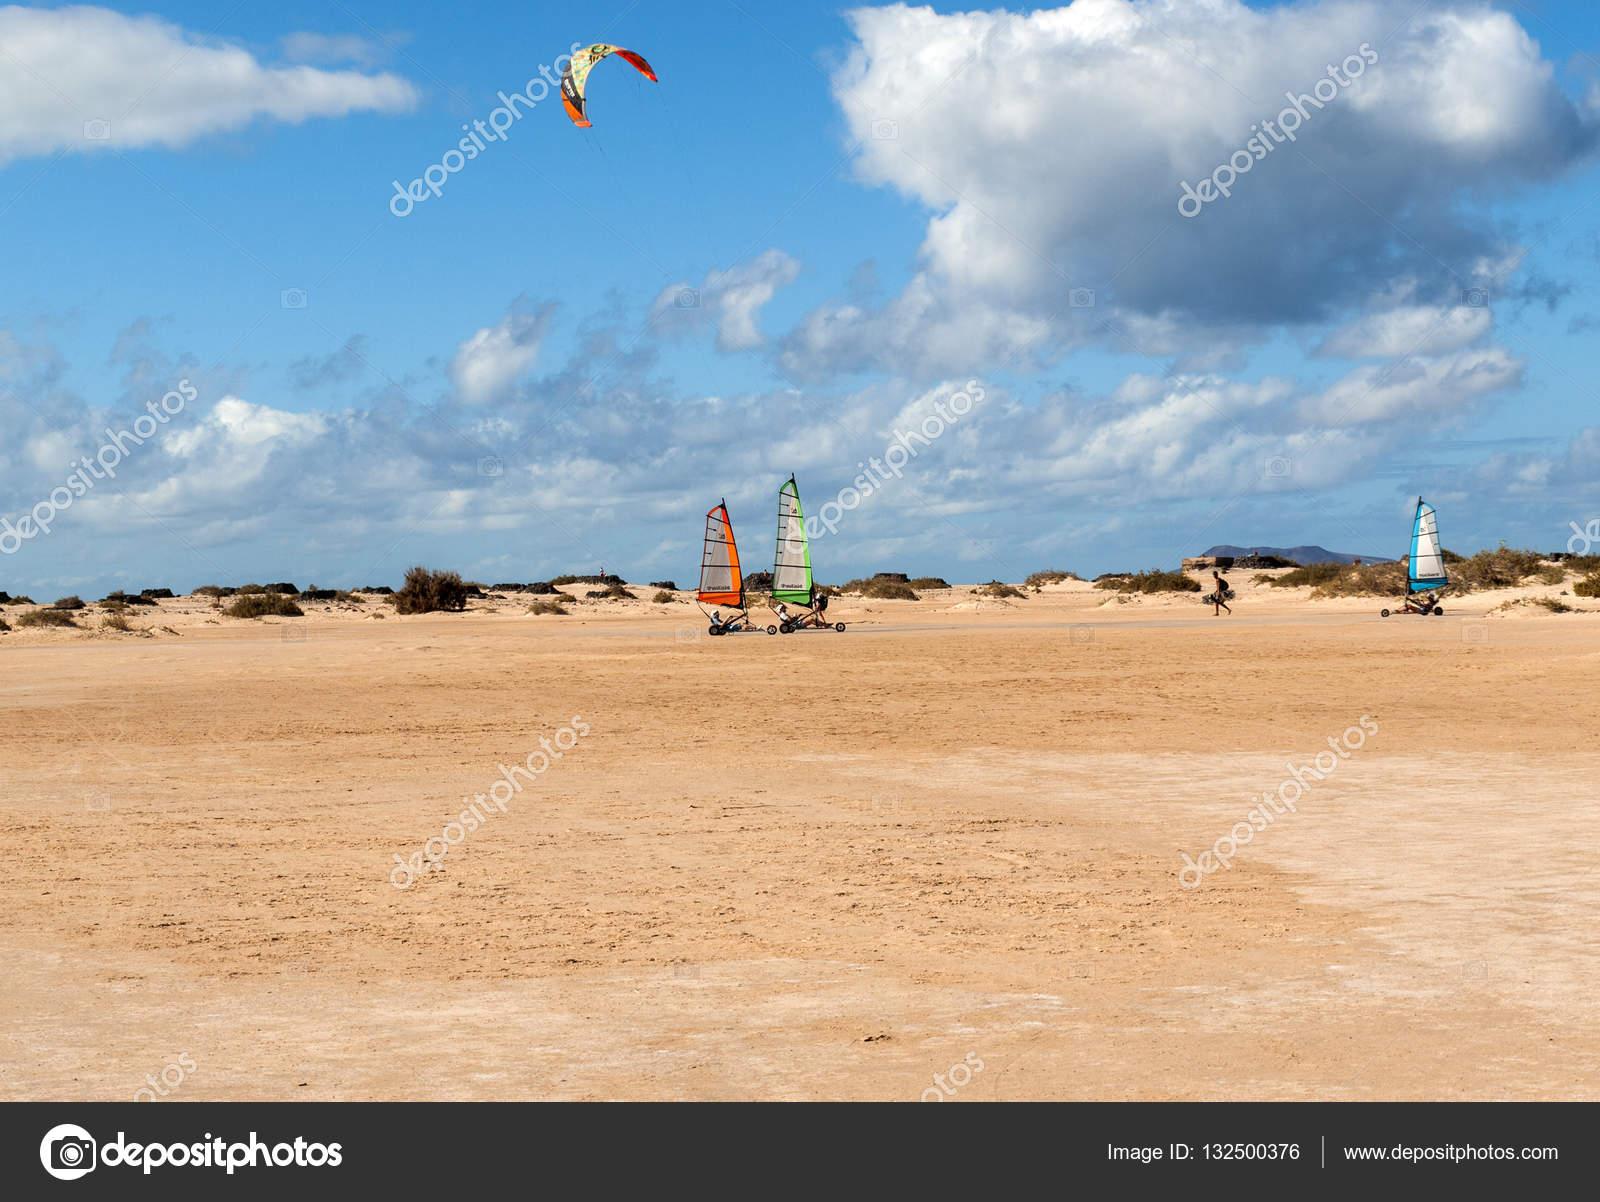 menschen fahren schmirgeln segeln am strand. sie sind lernen und